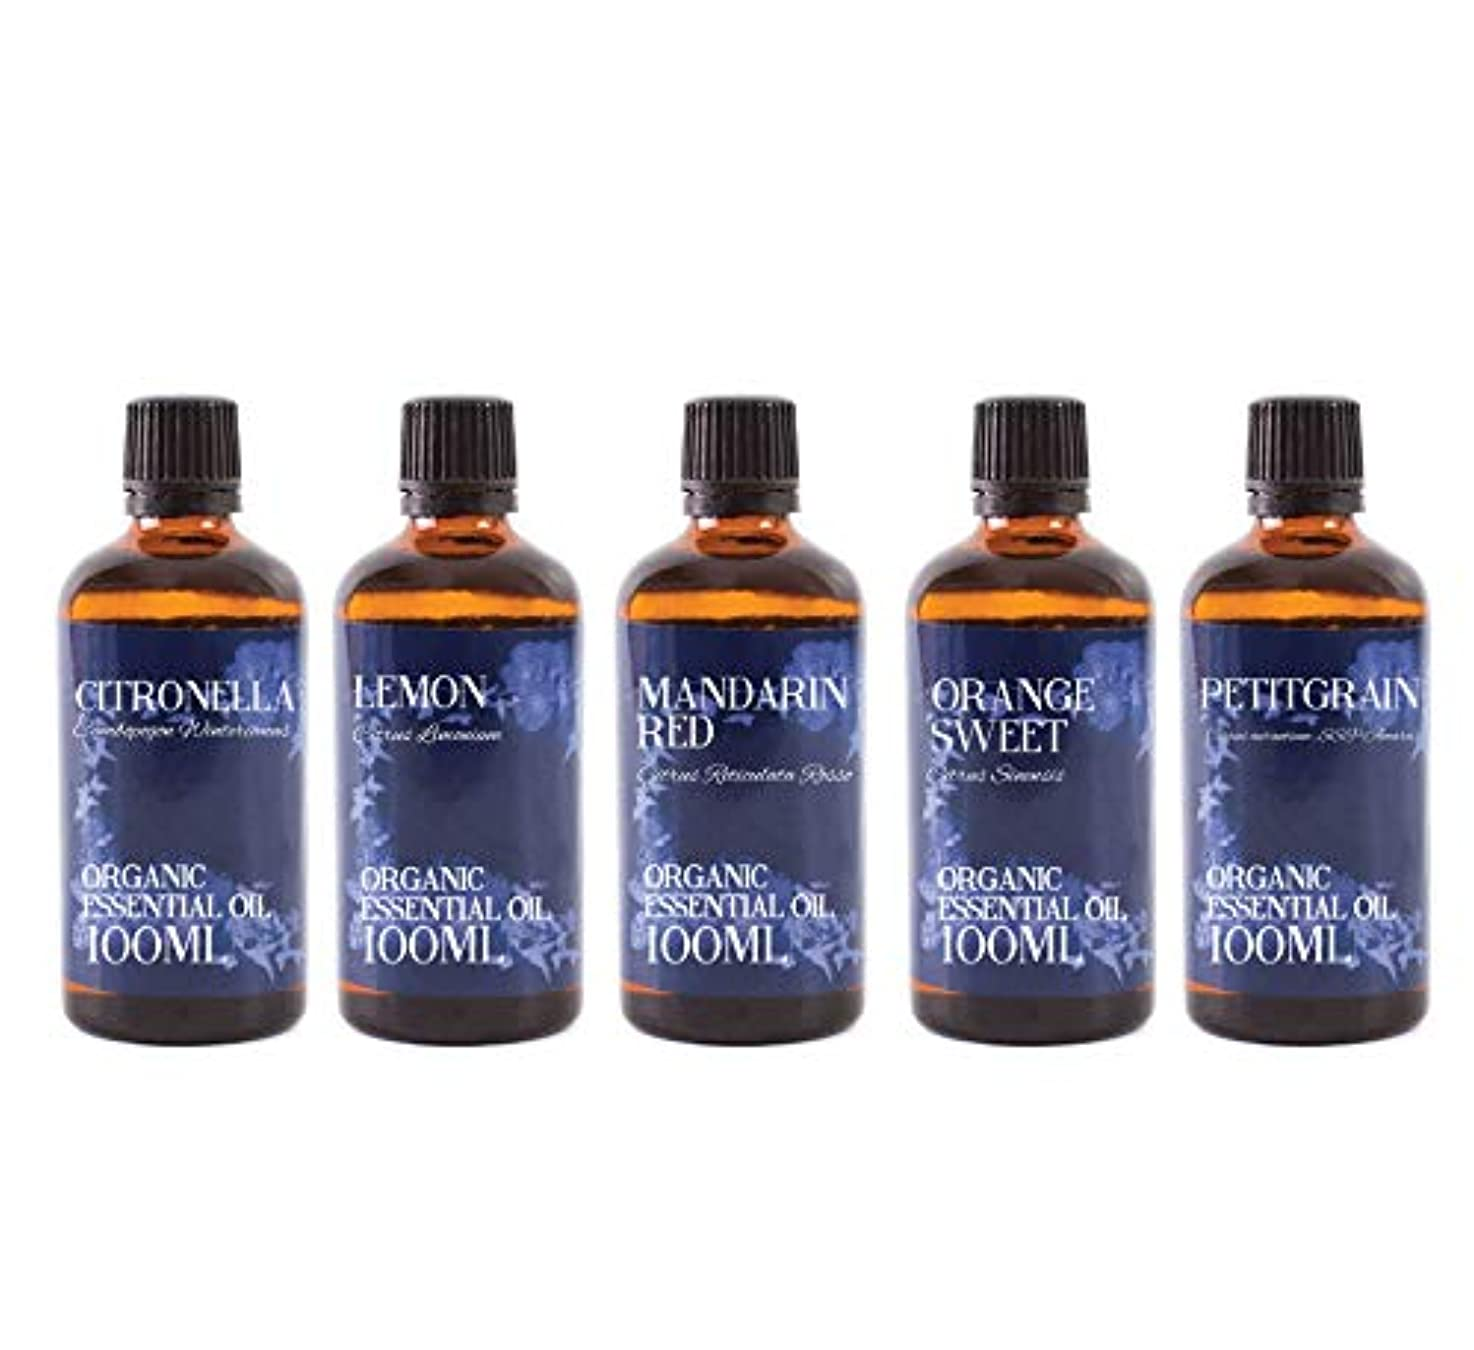 接ぎ木悲劇的な一貫性のないMystic Moments | Essential Oil Starter Pack - Organic Citrus Oils - 5 x 100ml - 100% Pure